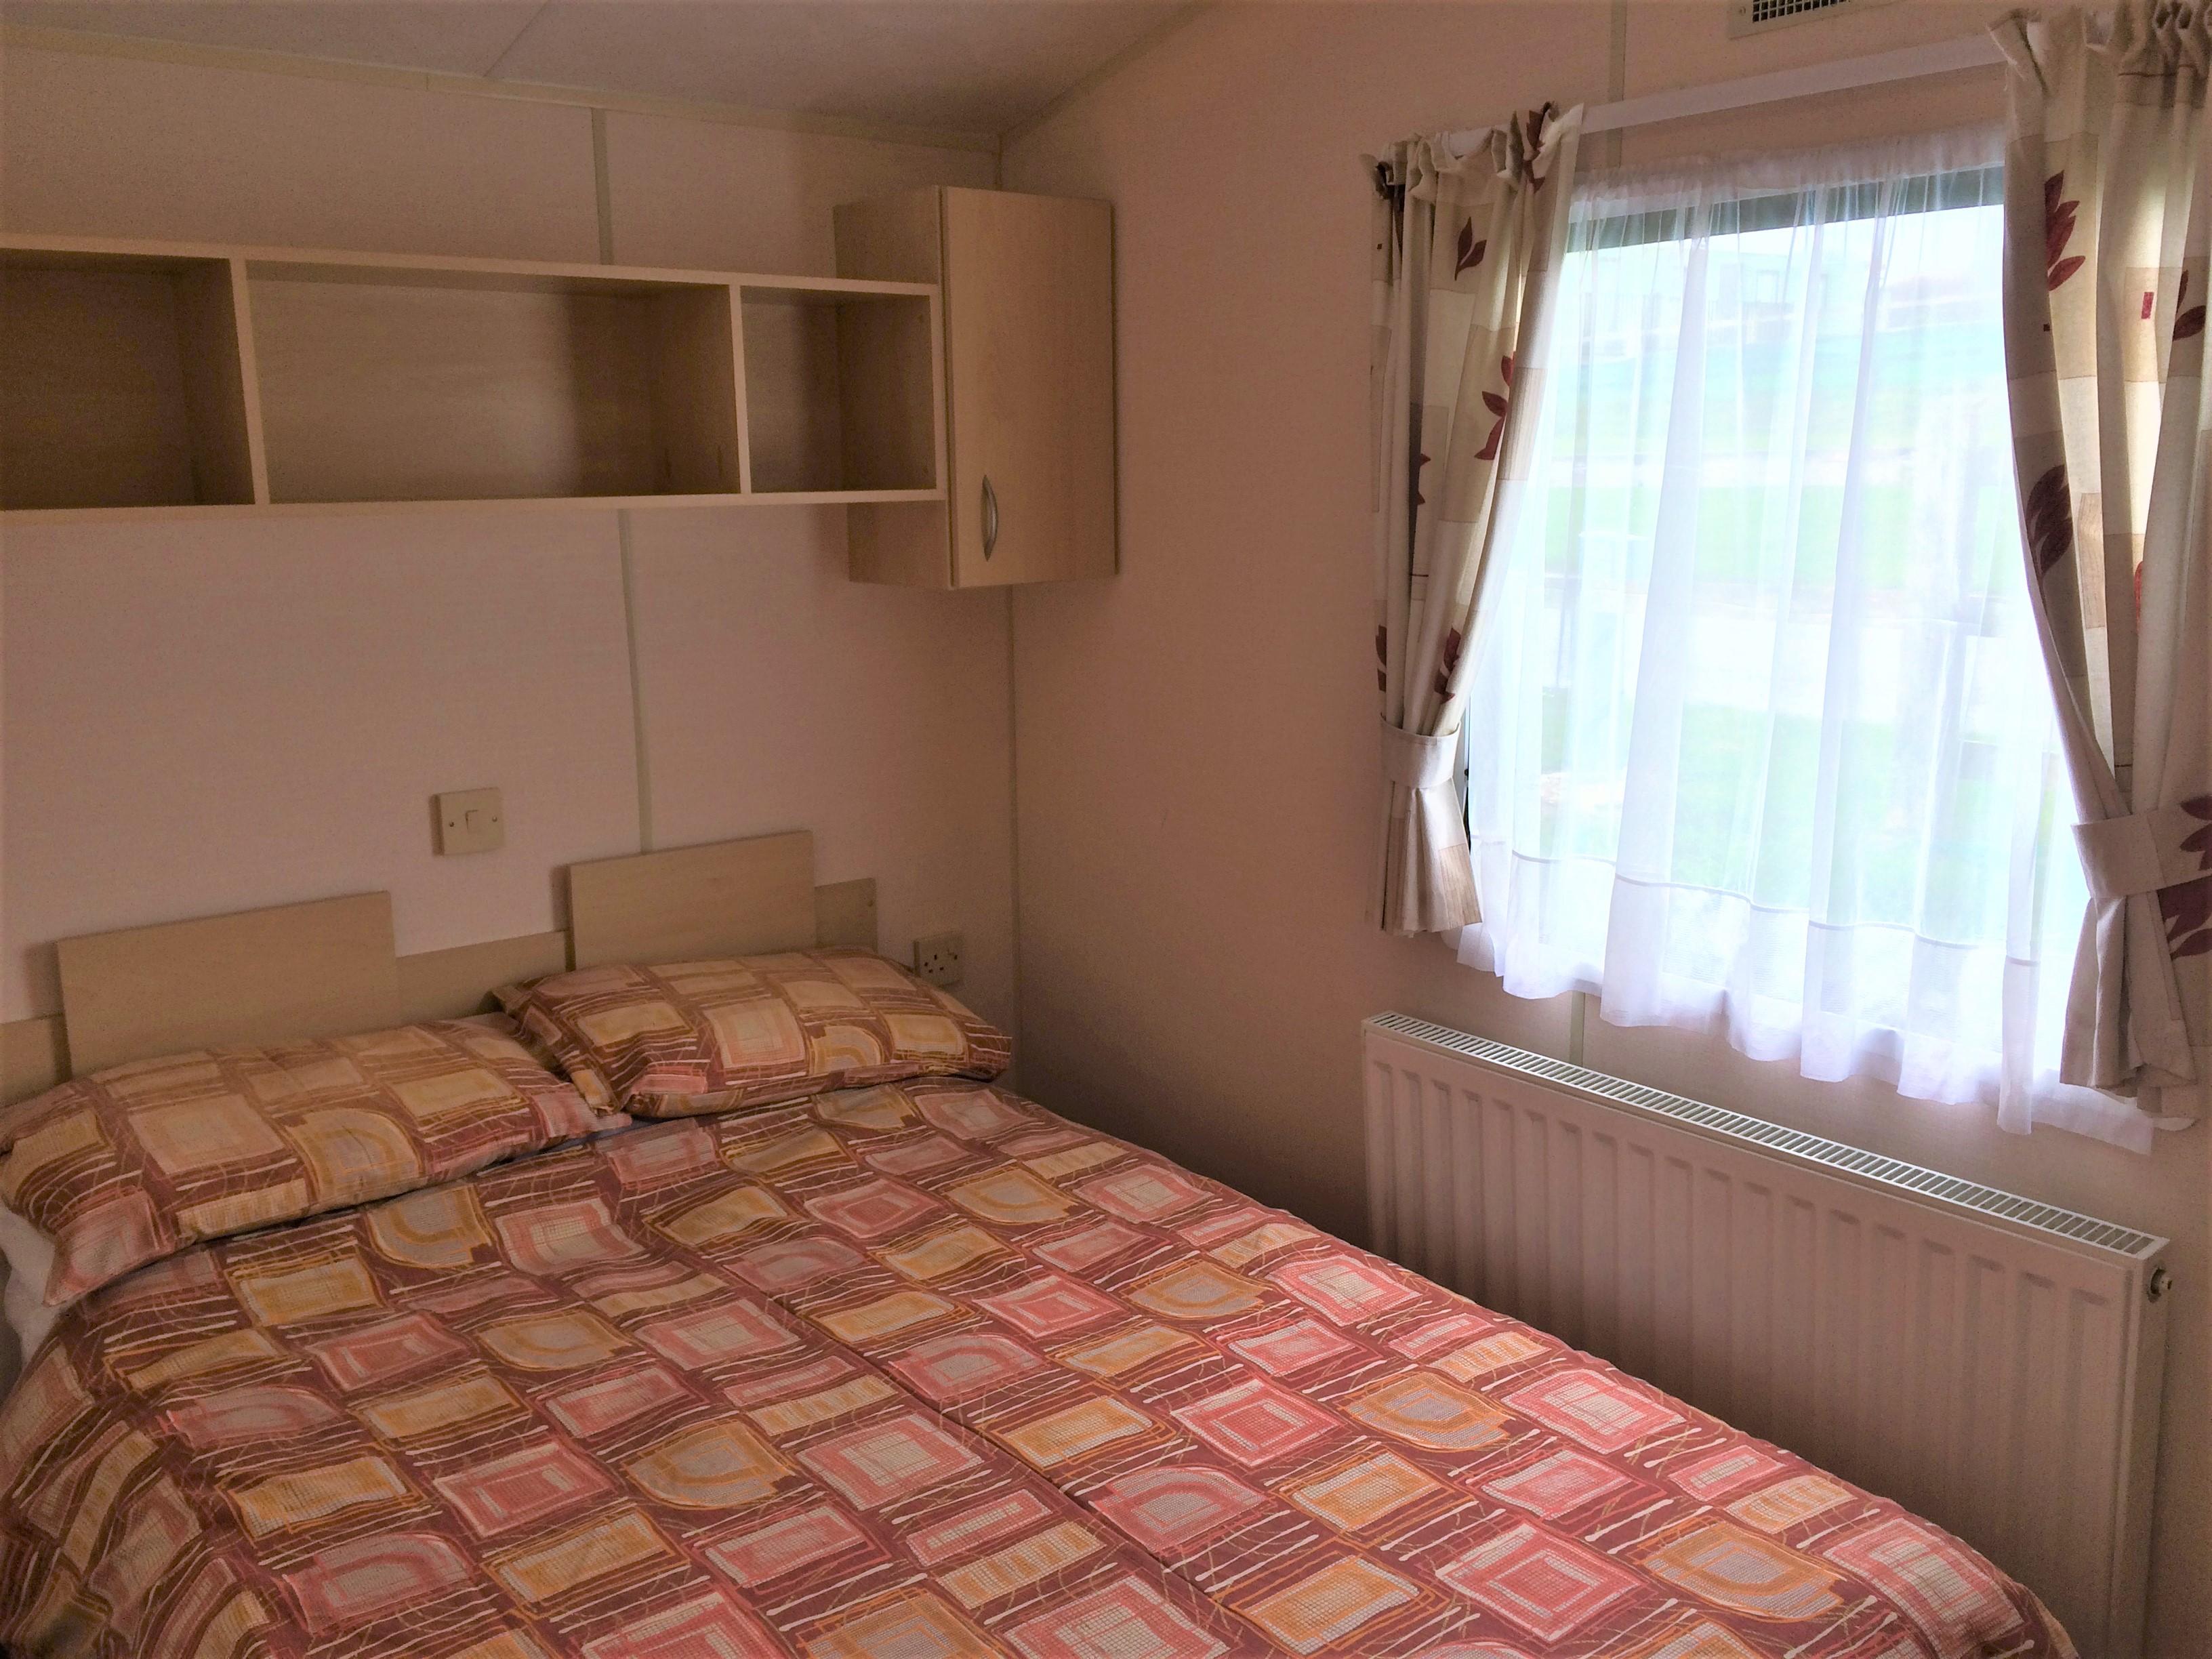 Bedroom 54